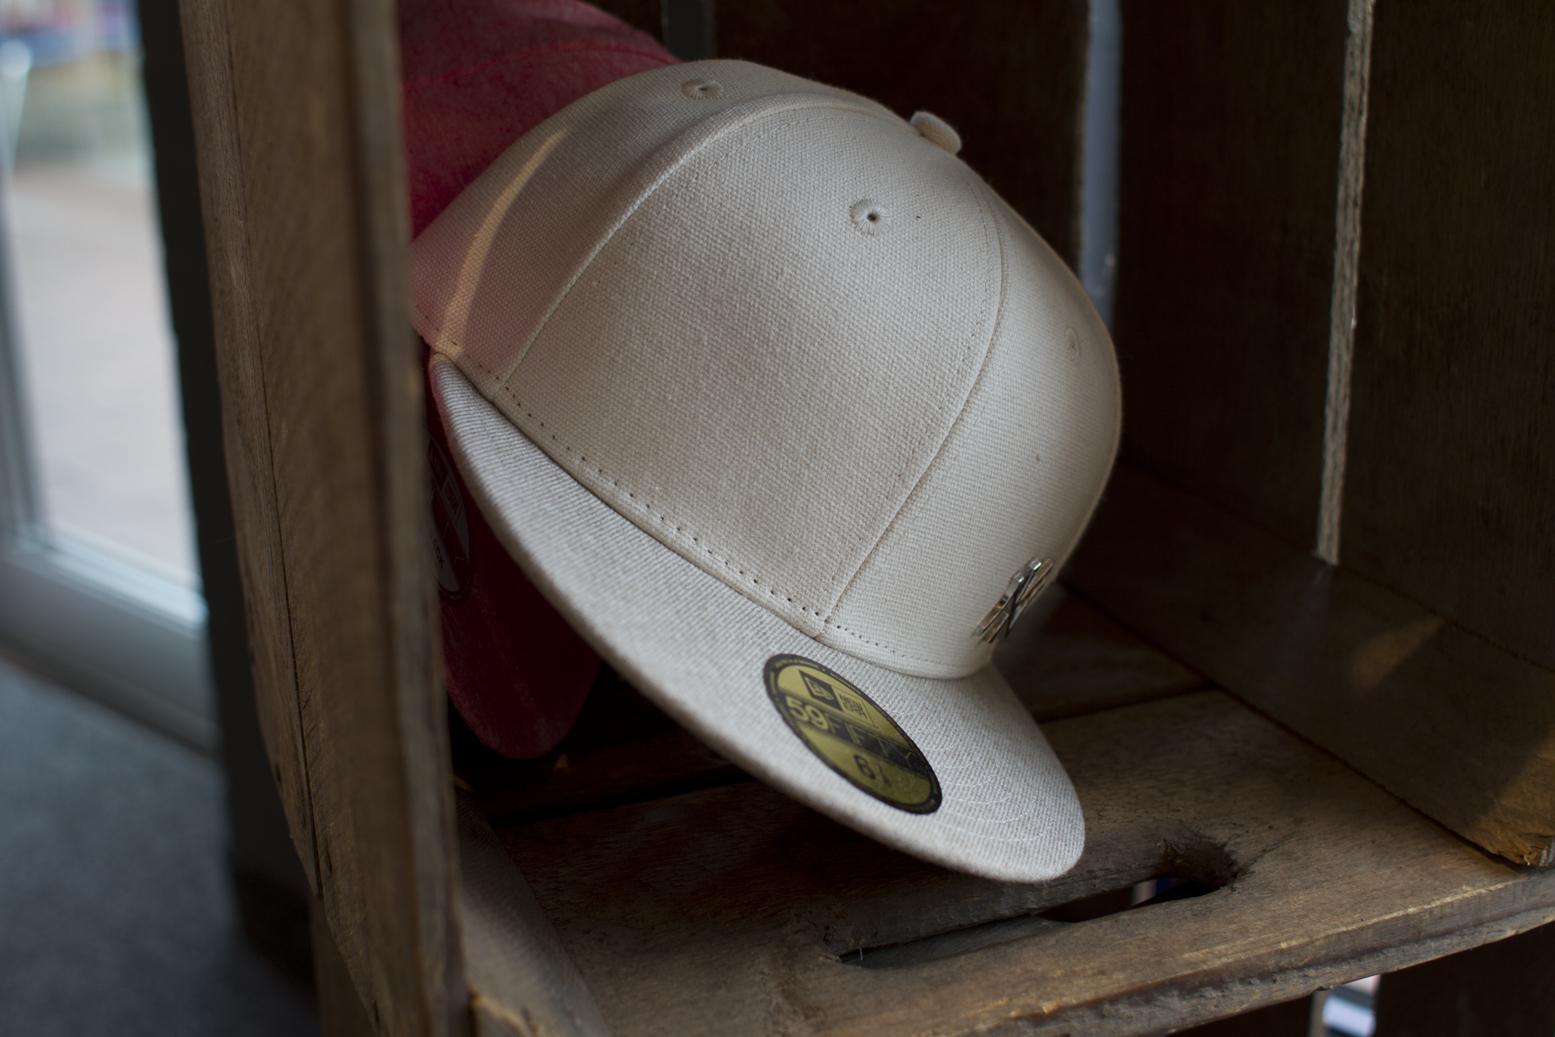 Unser Accessoire-Sortiment kann sich sehen lassen: Egal ob Sonnenbrillen, Mützen, Handschuhe, Schals oder Caps, hier wirst Du fündig.